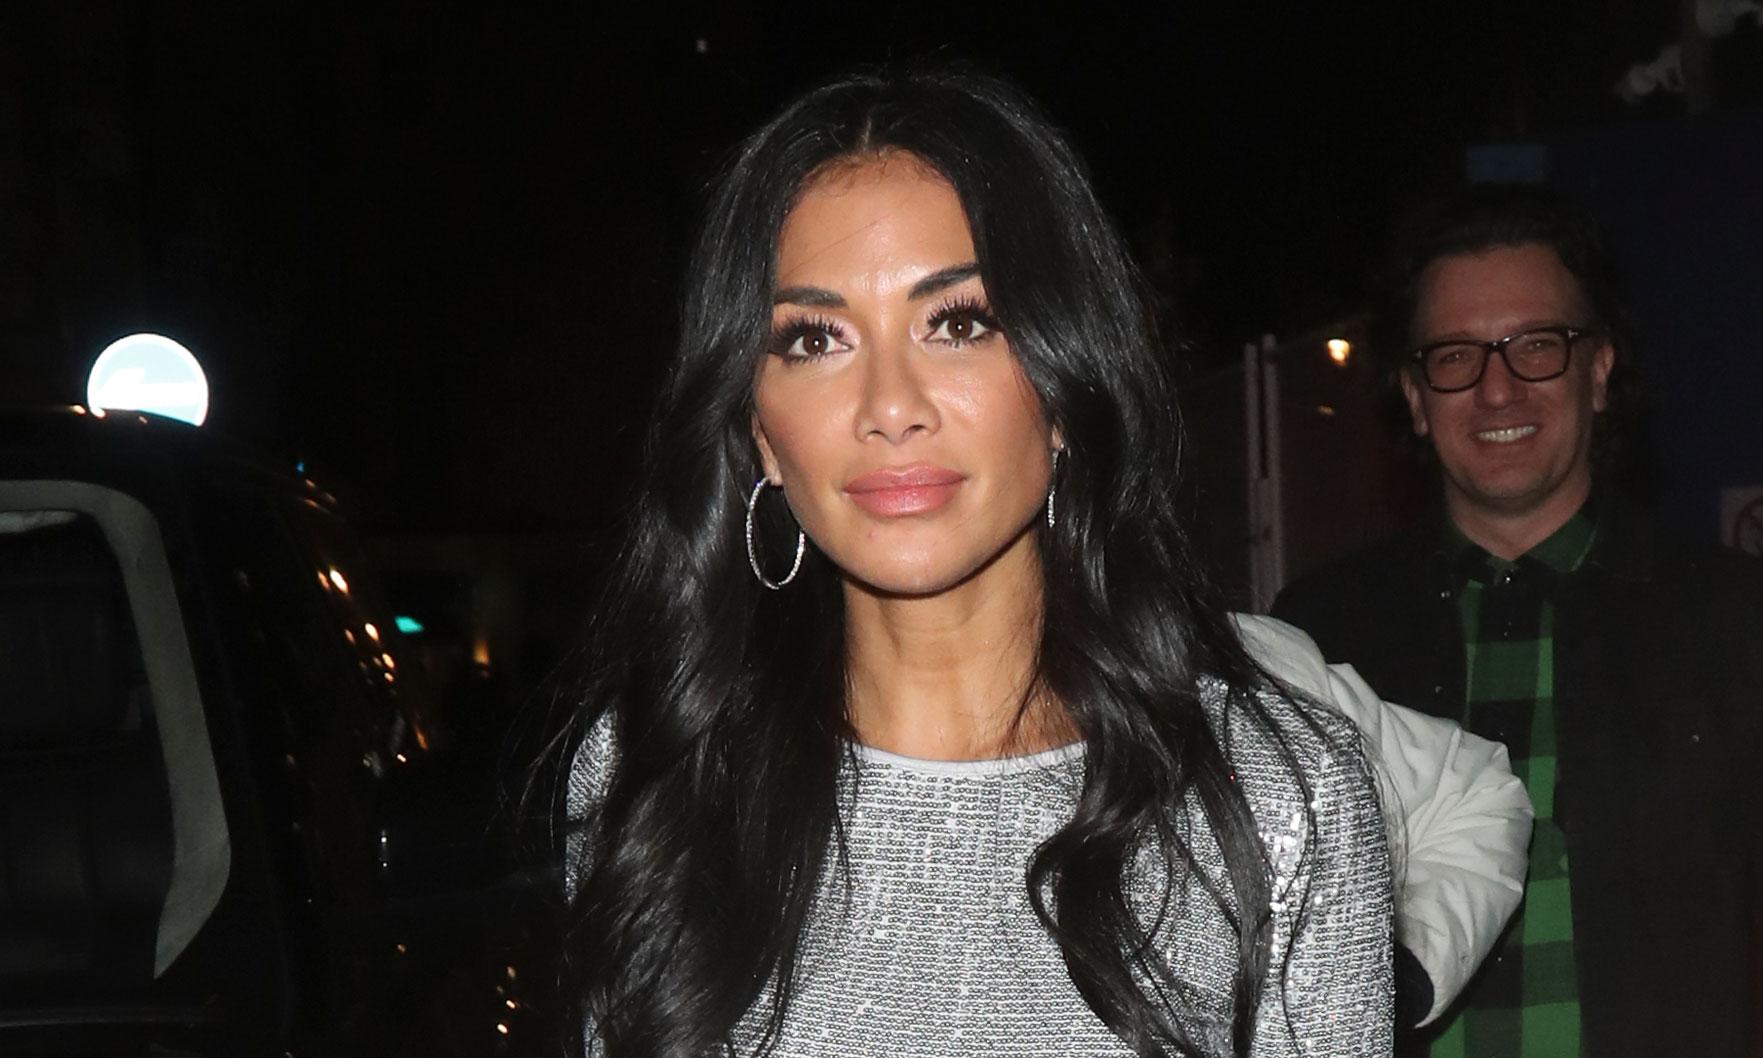 X Factor: Celebrity fans slam Nicole Scherzinger for 'motorboating' Louis Walsh